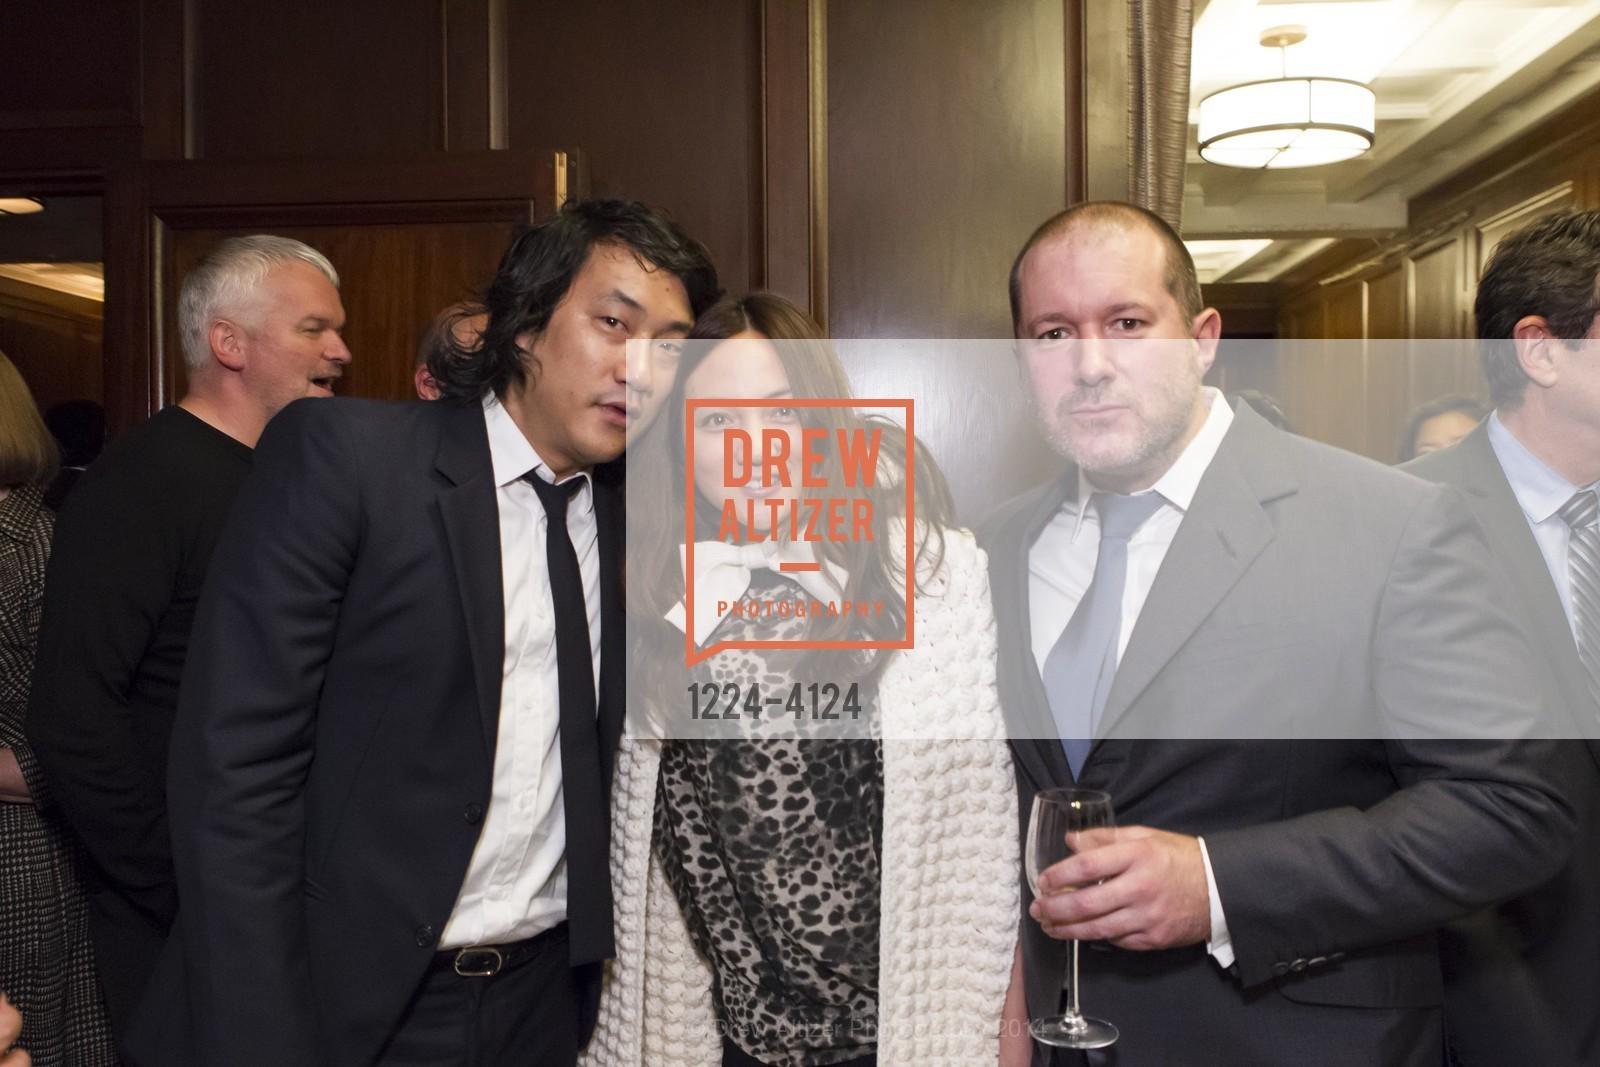 Eugene Hwang, Makiko Fujikawa, Jony Ive, Photo #1224-4124